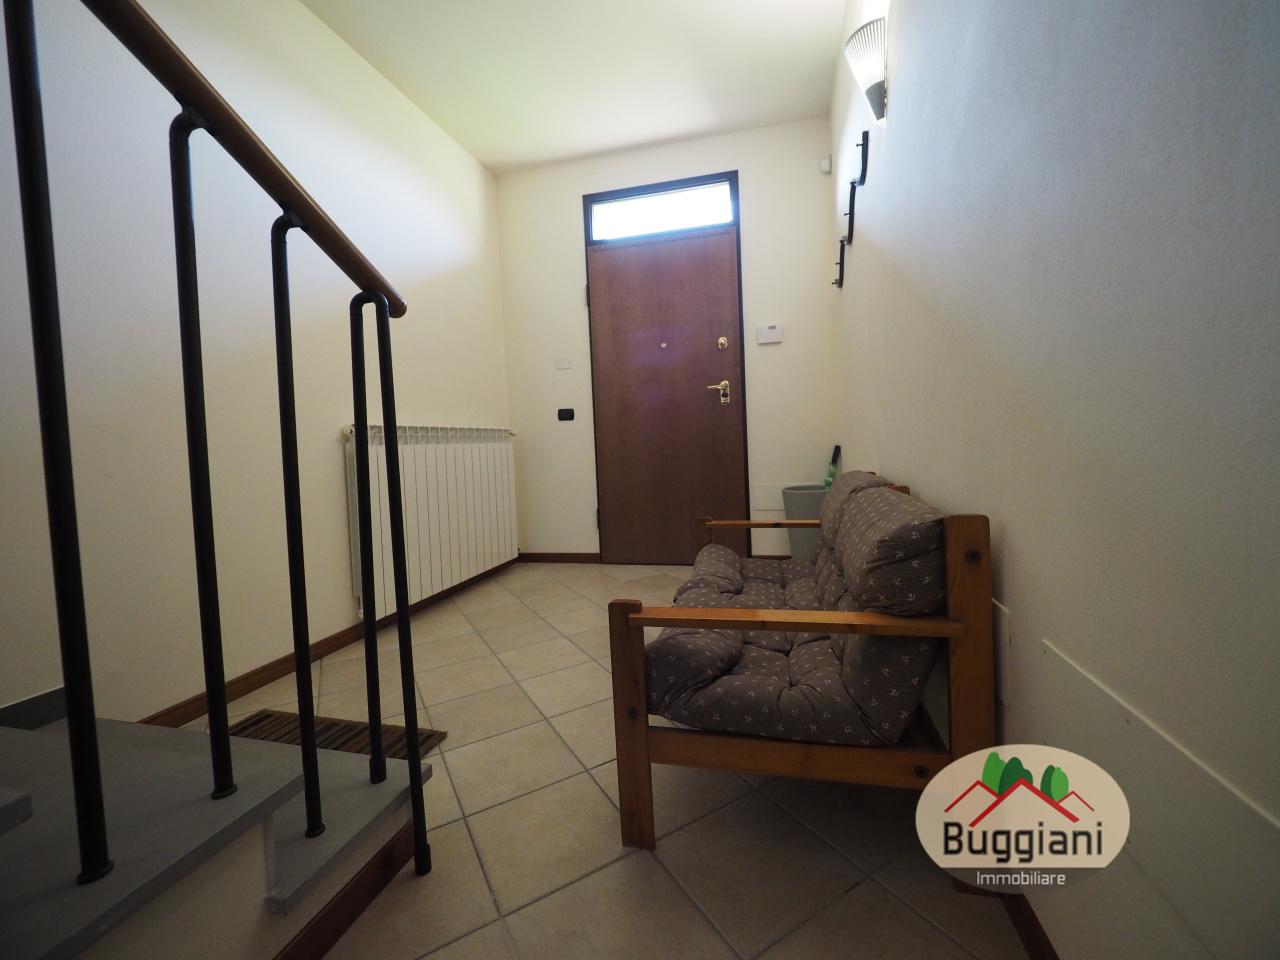 Appartamento in vendita RIF. 1981, San Miniato (PI)